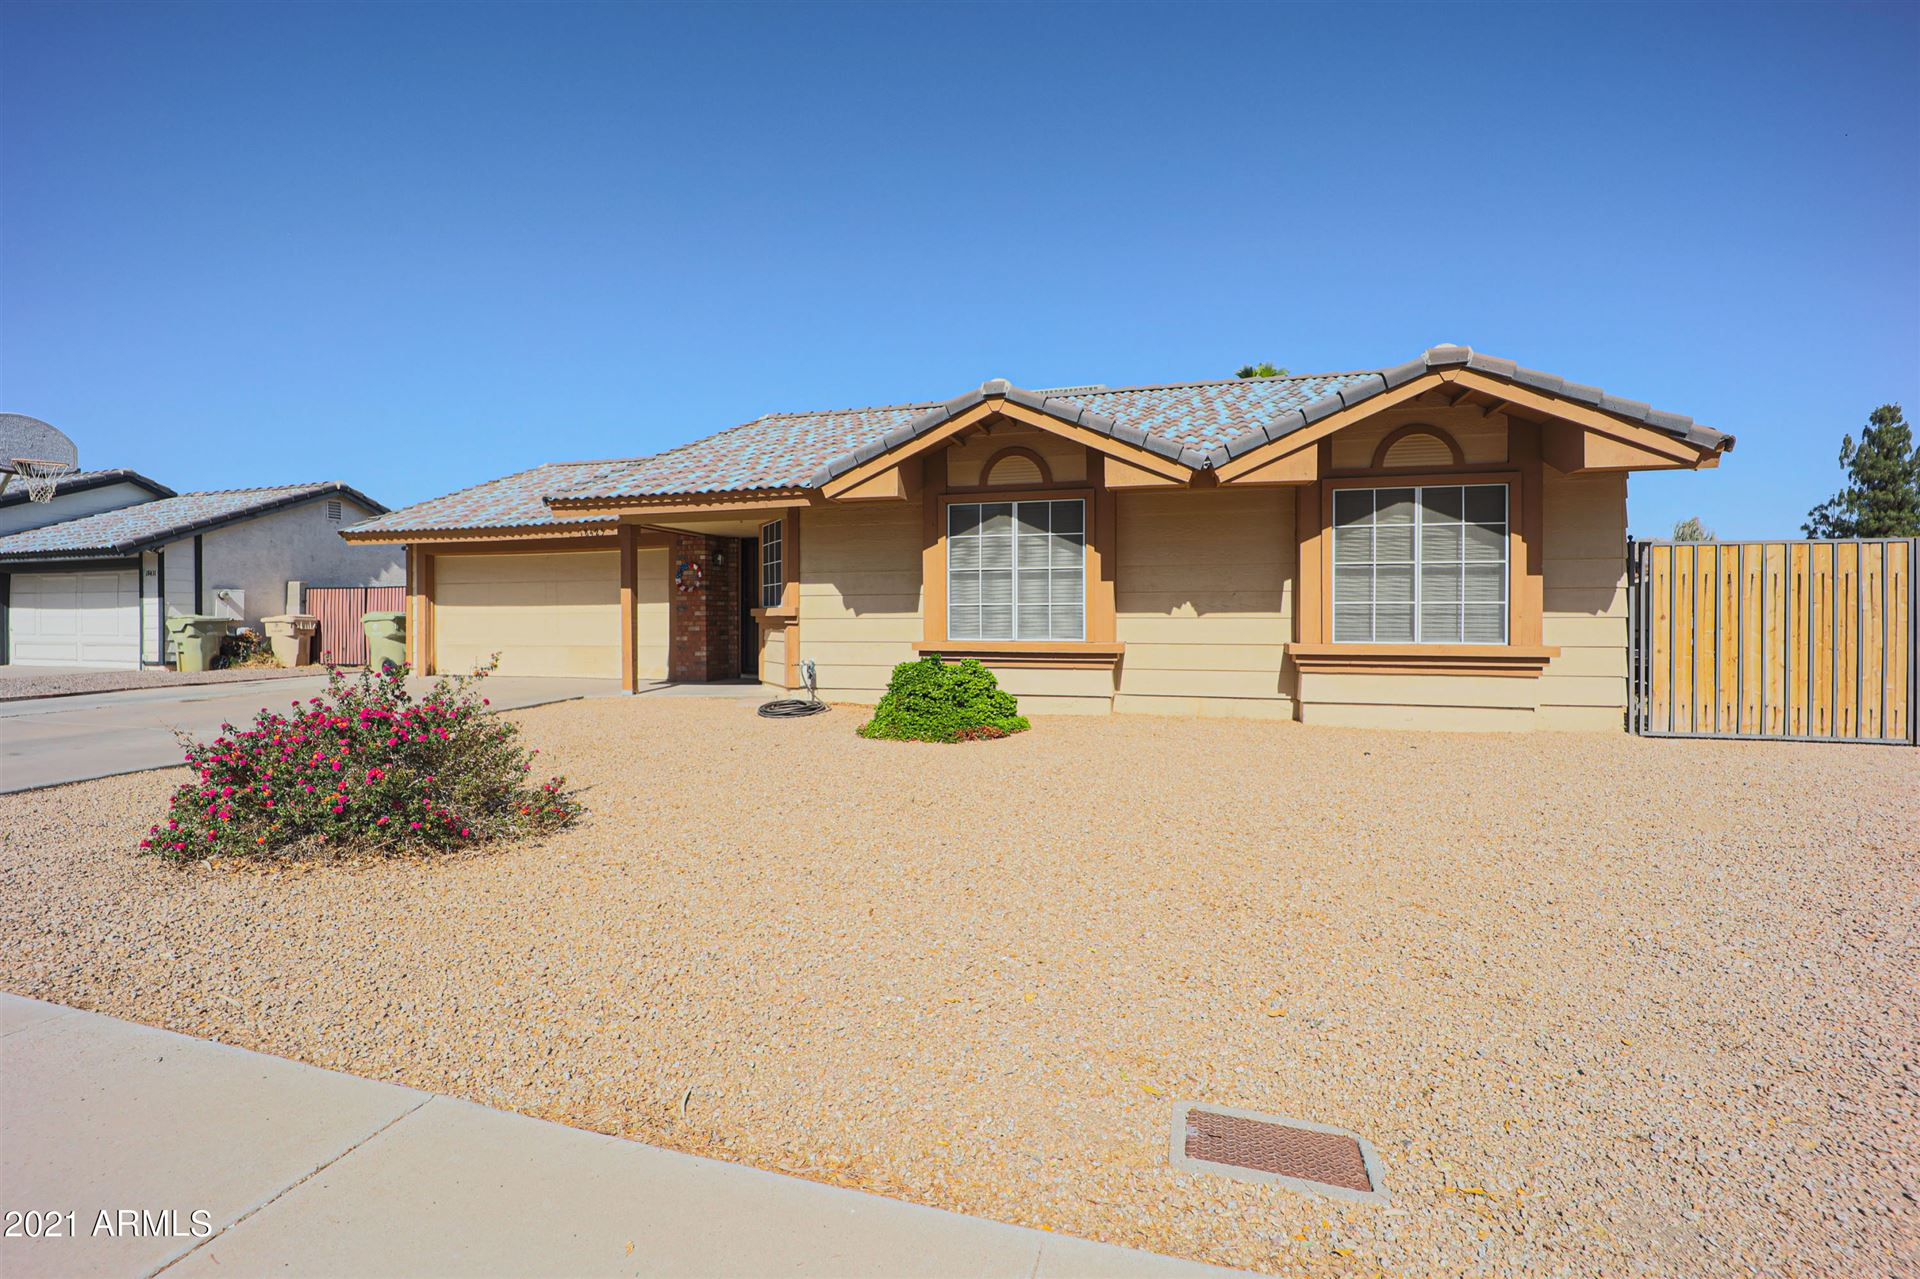 Photo of 18425 N 56TH Lane, Glendale, AZ 85308 (MLS # 6233030)